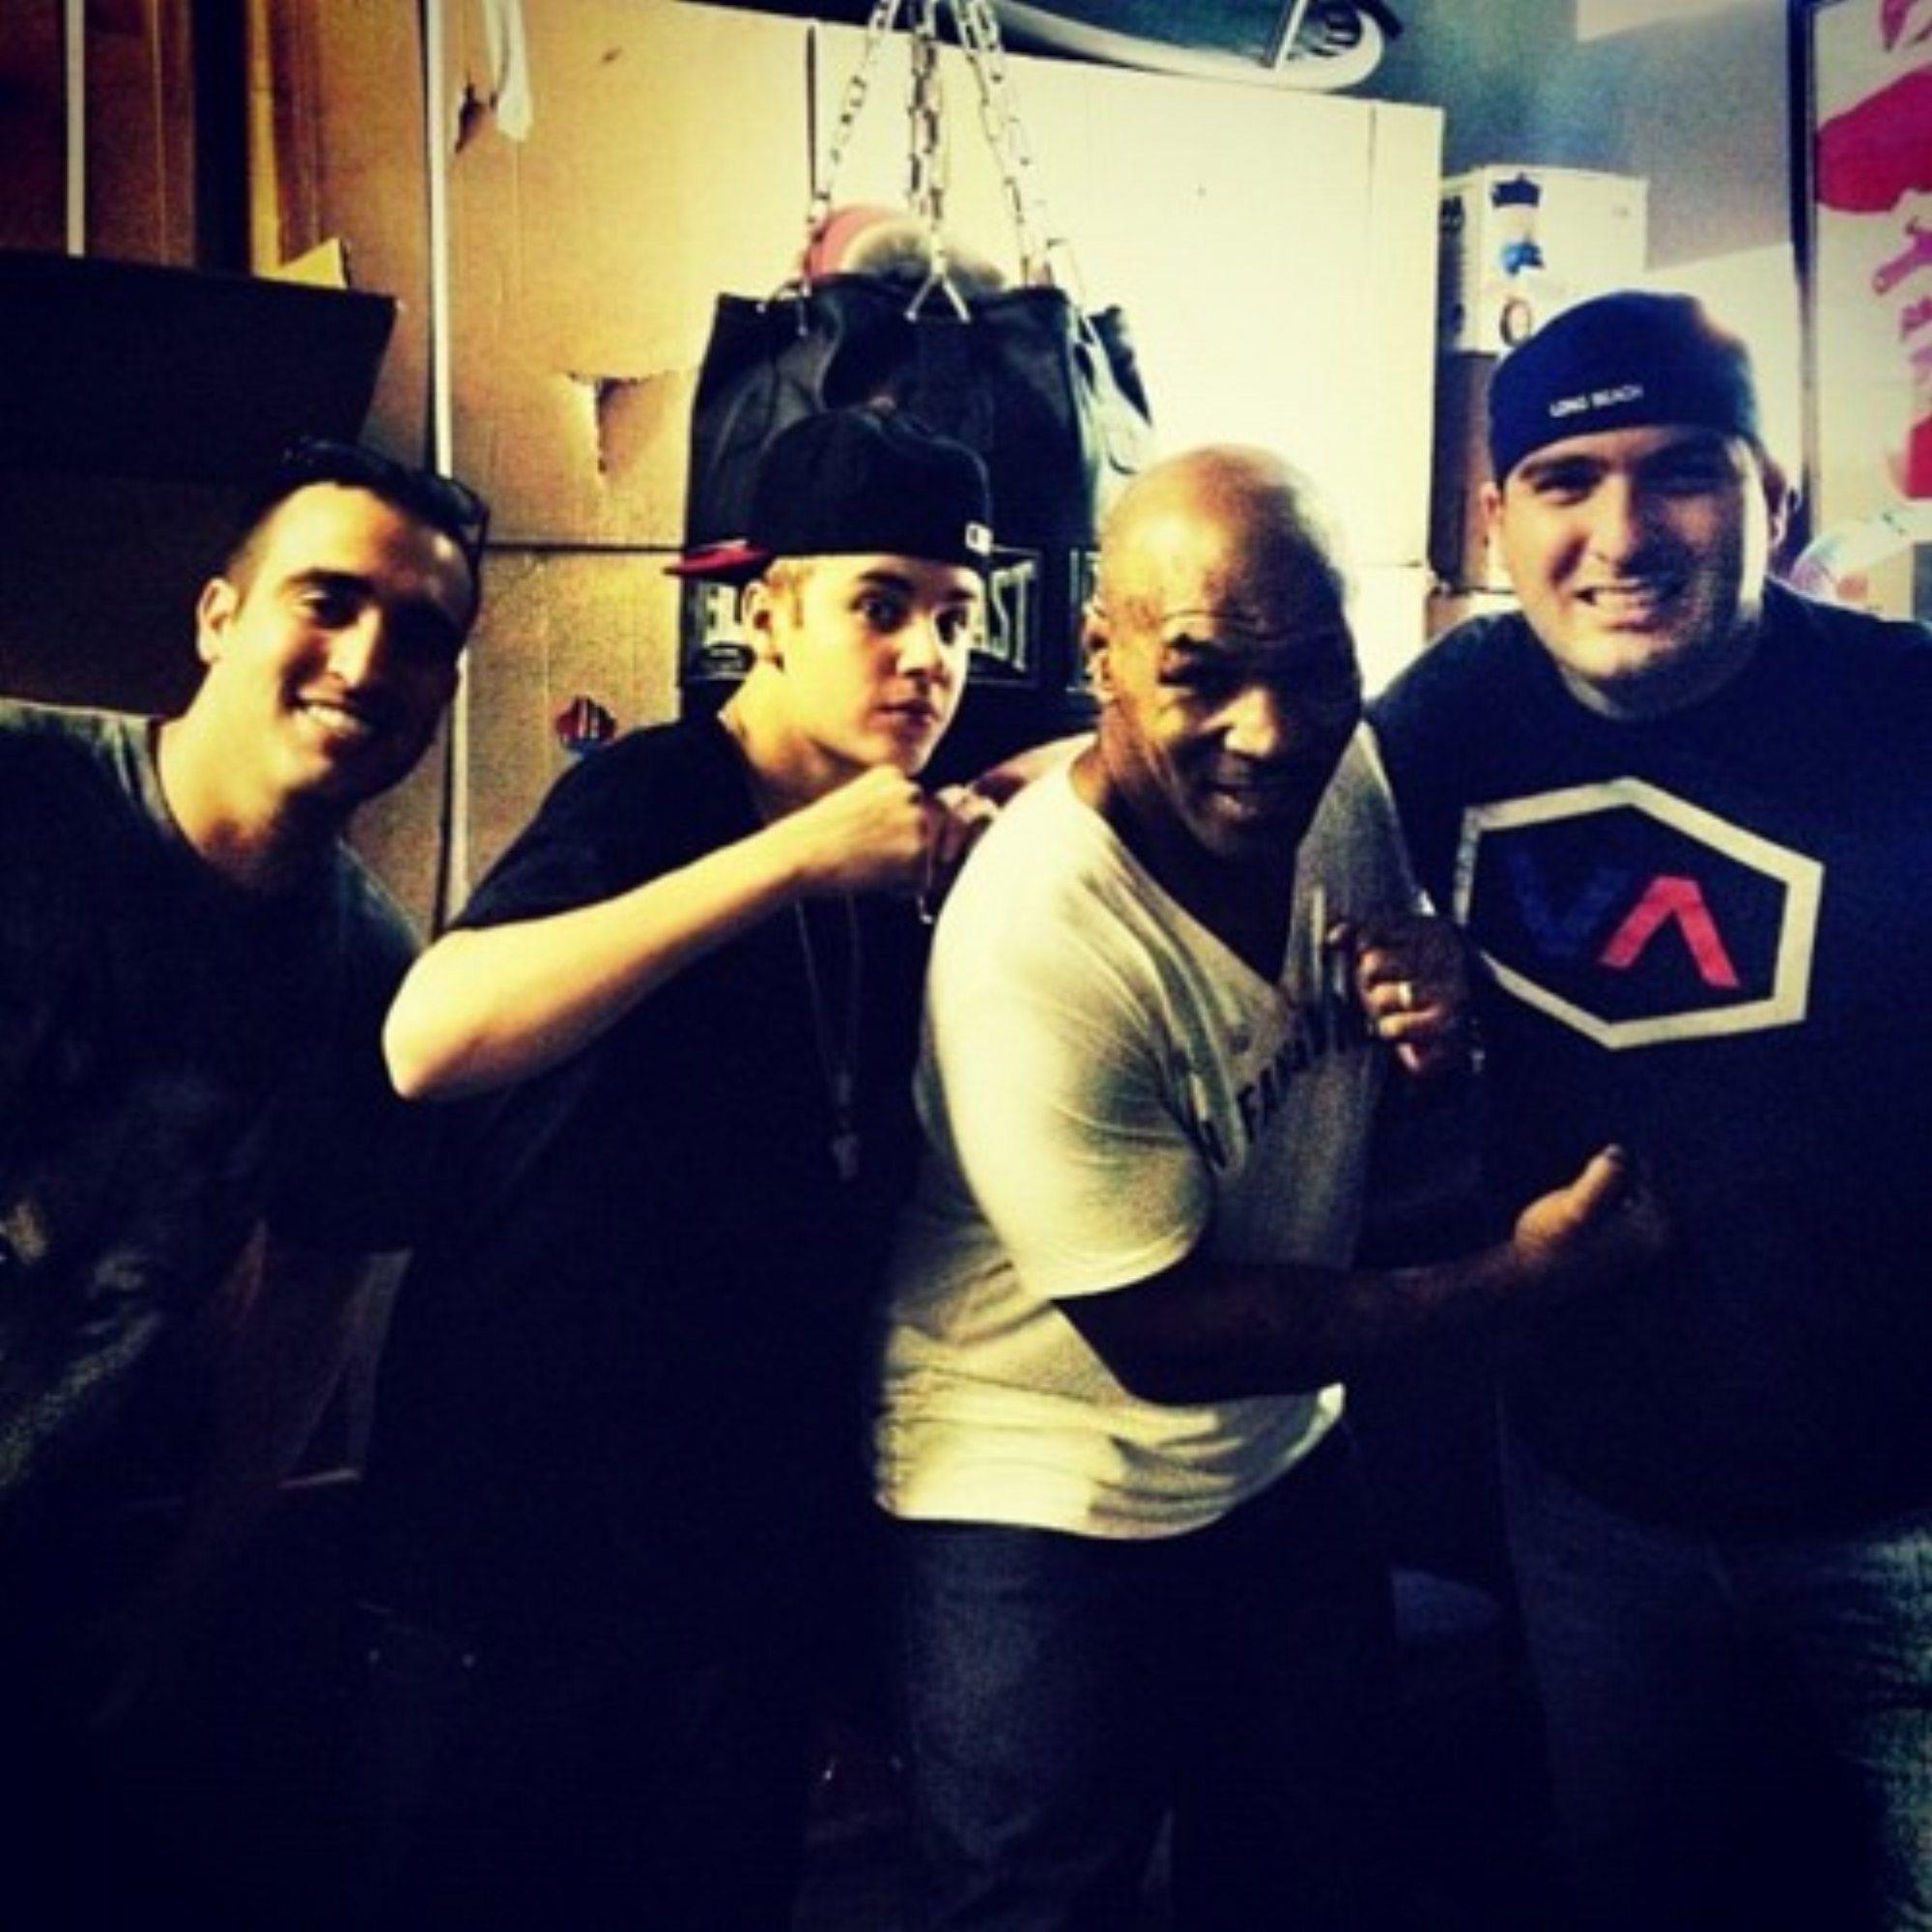 Justin Bieber Justin Bieber, 2012, instagram.